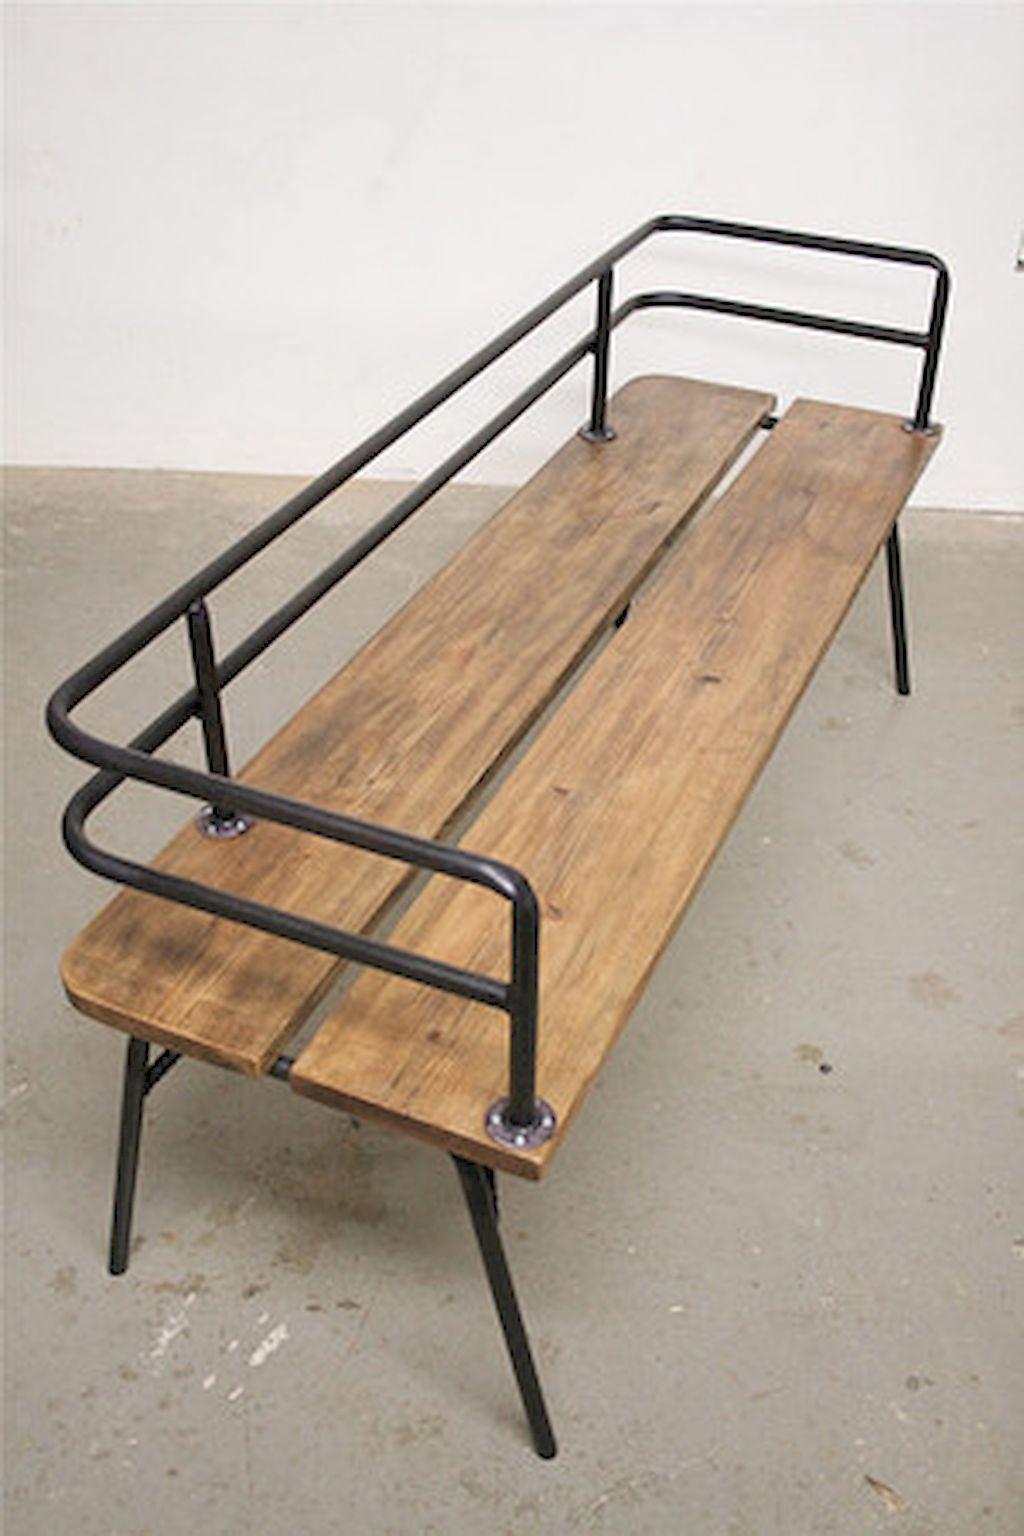 40 cheap diy outdoor bench design ideas for backyard frontyard